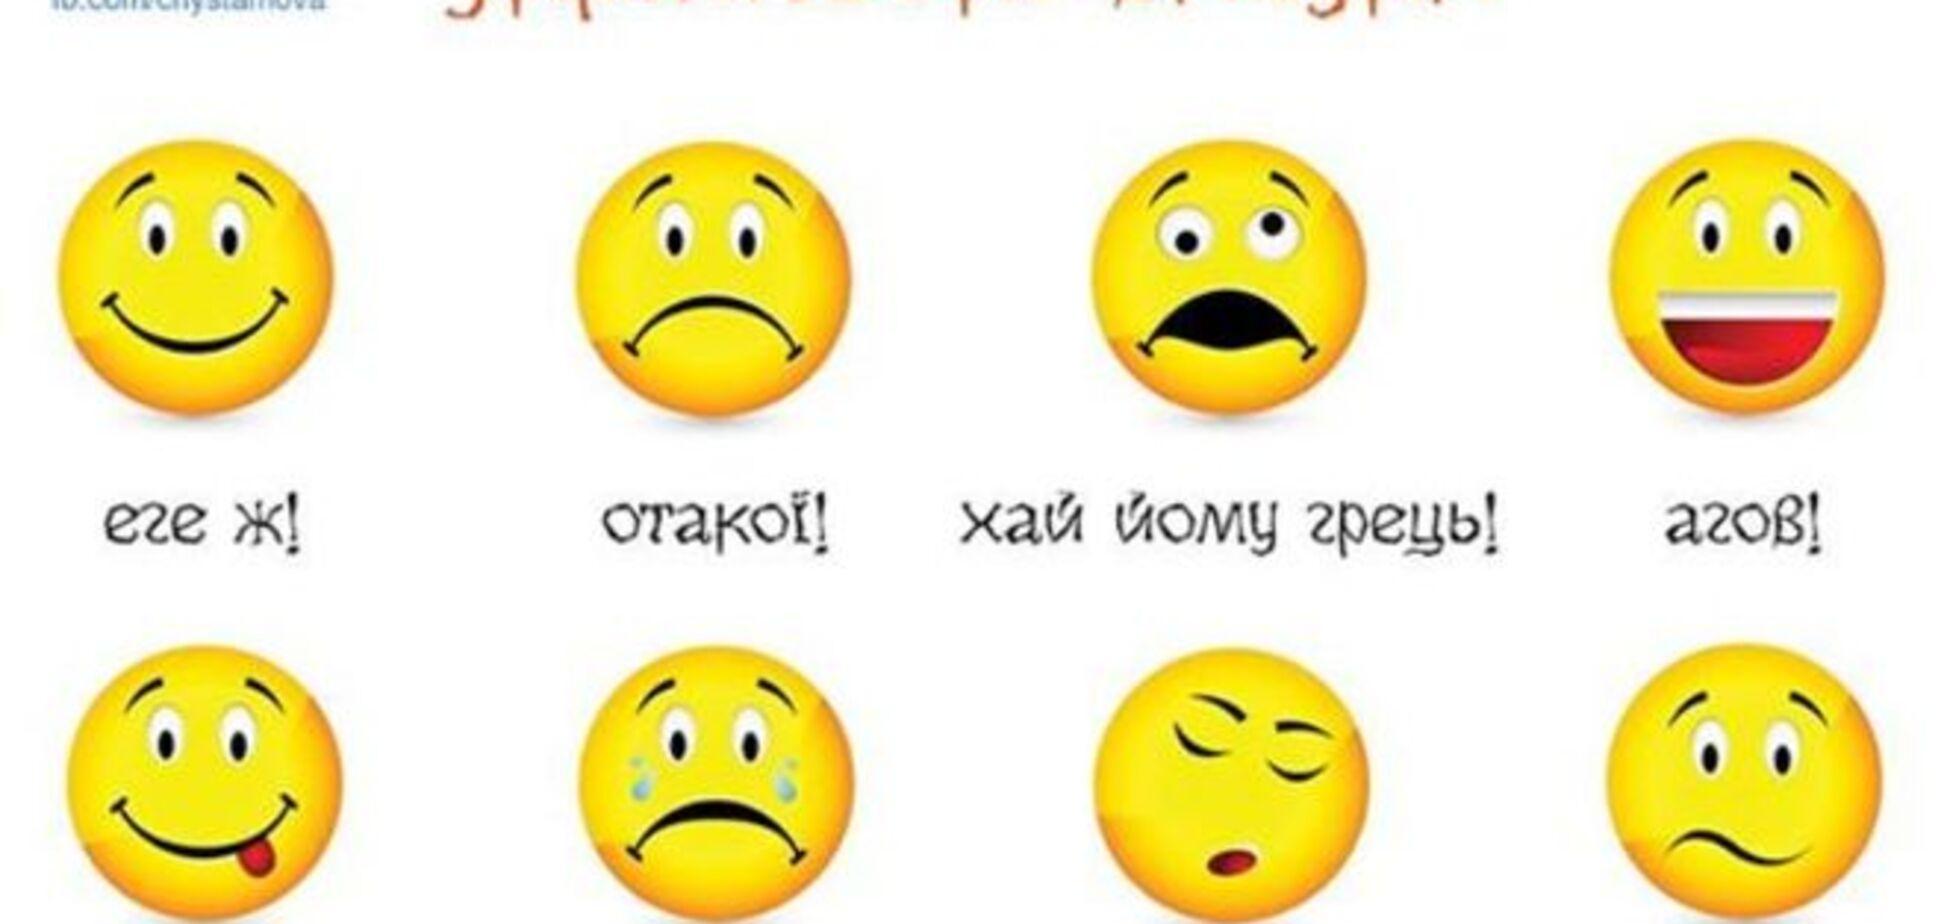 Смайлики по-украински: в сети появились забавные 'усміхайлики'